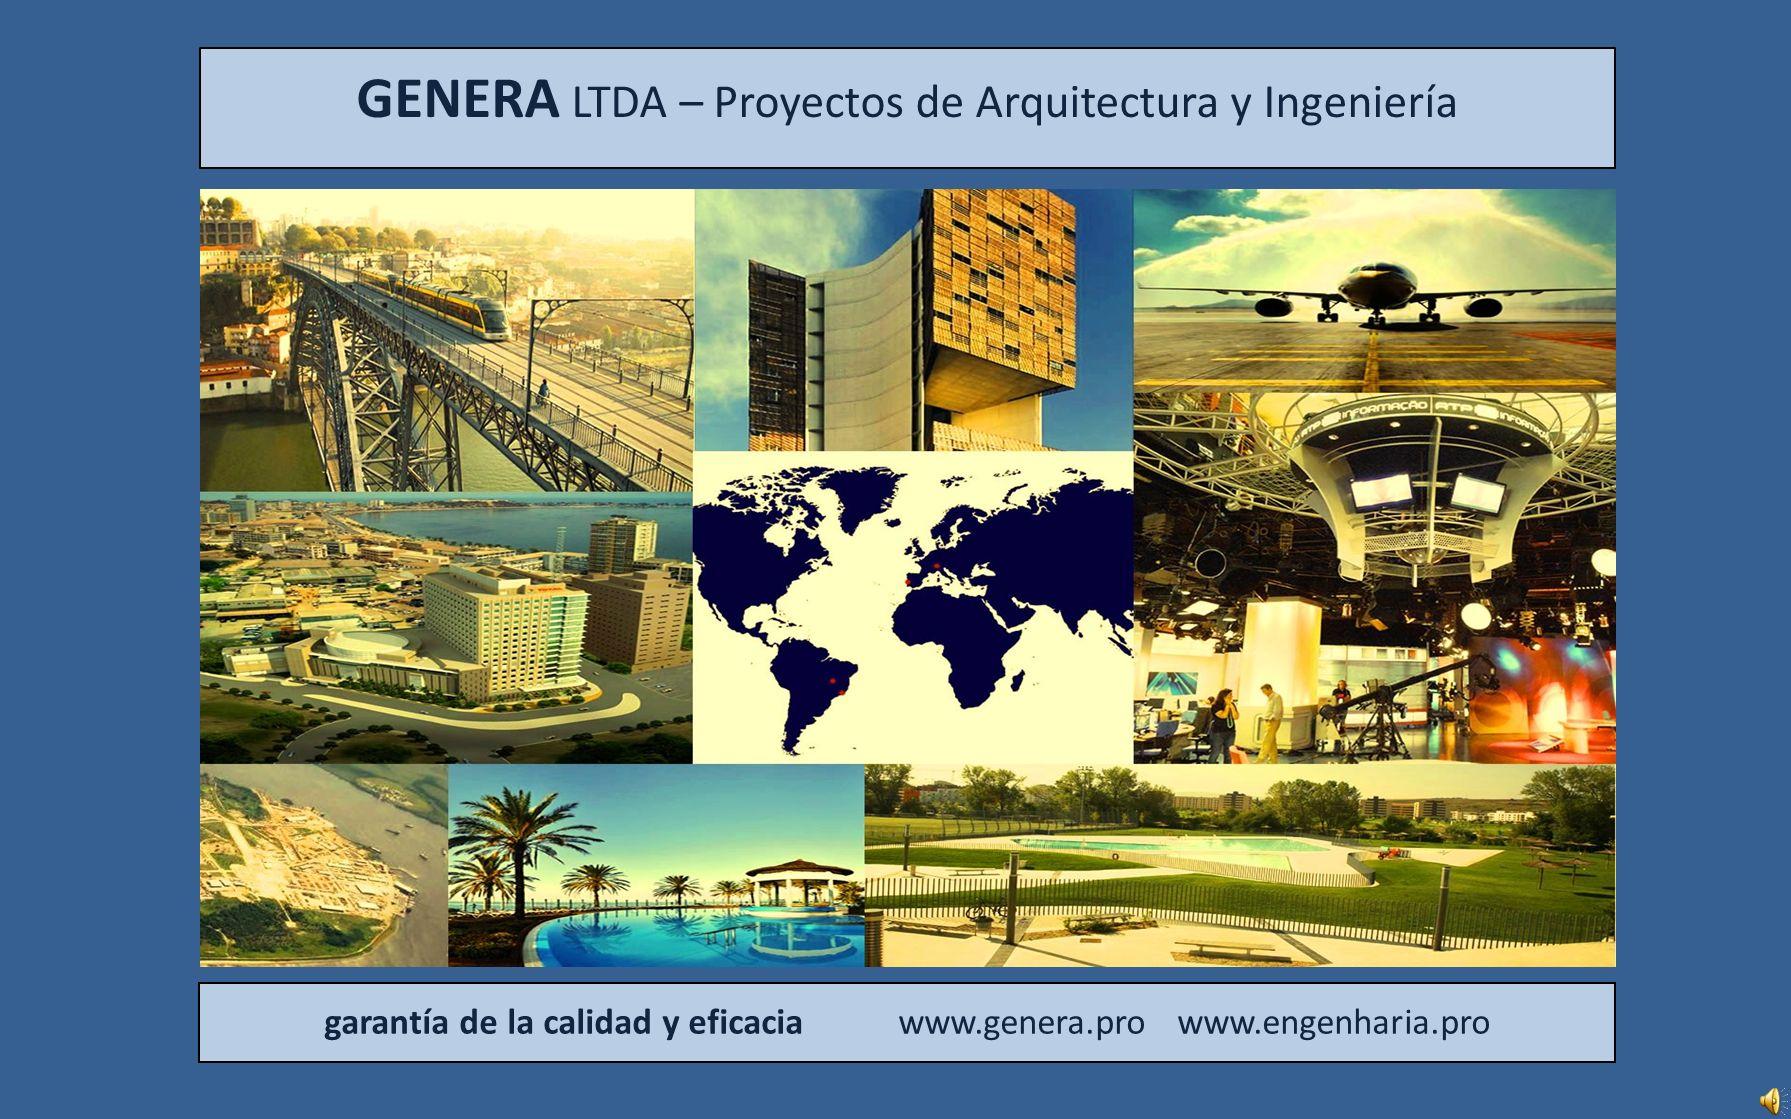 Masterplan del Autódromo – Juegos Pan Americanos Rio 2007 Proyecto urbanístico del complejo deportivo del Autódromo (Ciudad Deportiva) para los juegos Pan Americanos Rio 2007.